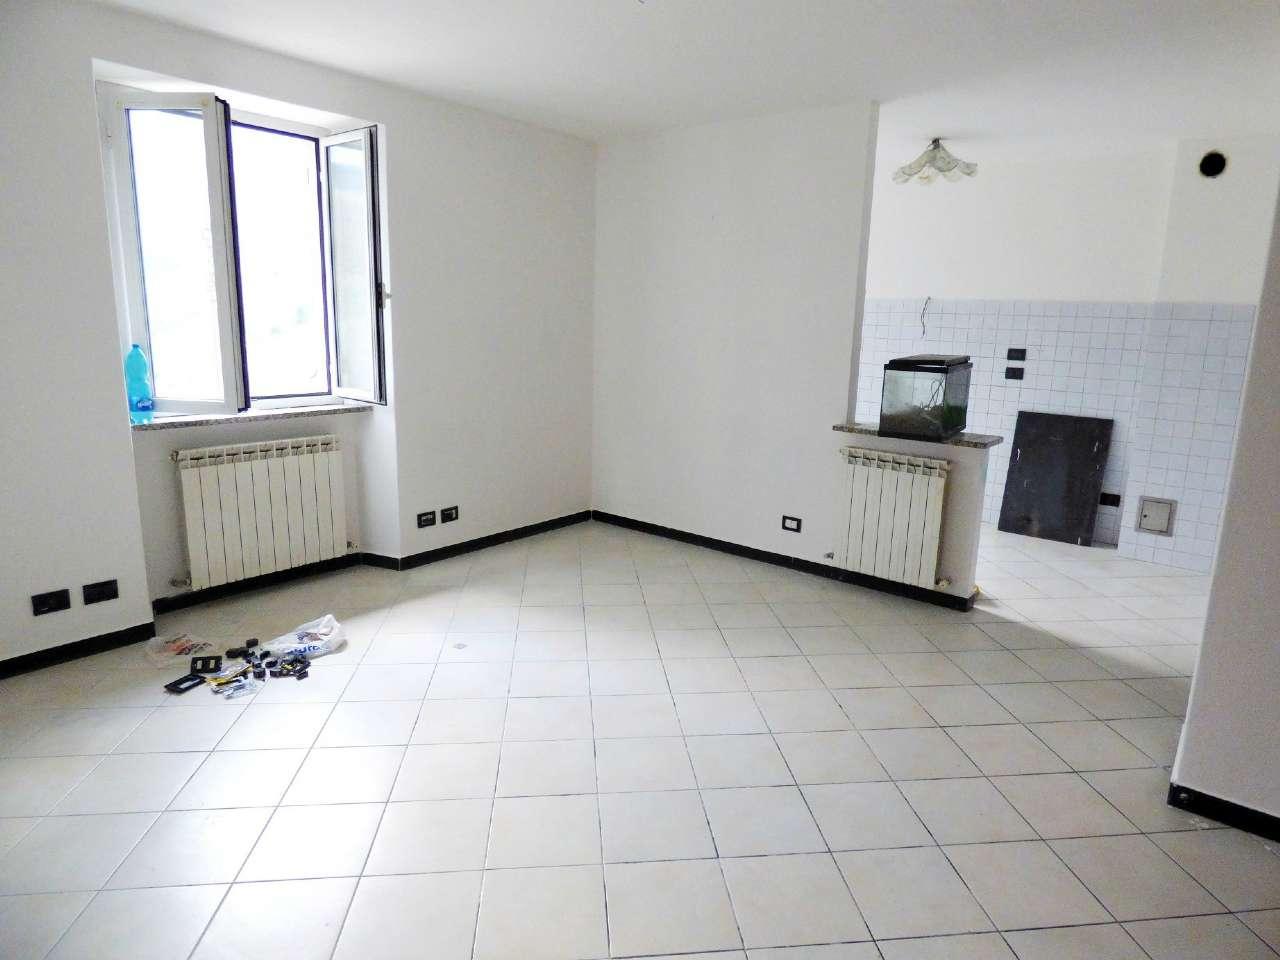 Appartamento in affitto a Moconesi, 5 locali, prezzo € 500 | PortaleAgenzieImmobiliari.it